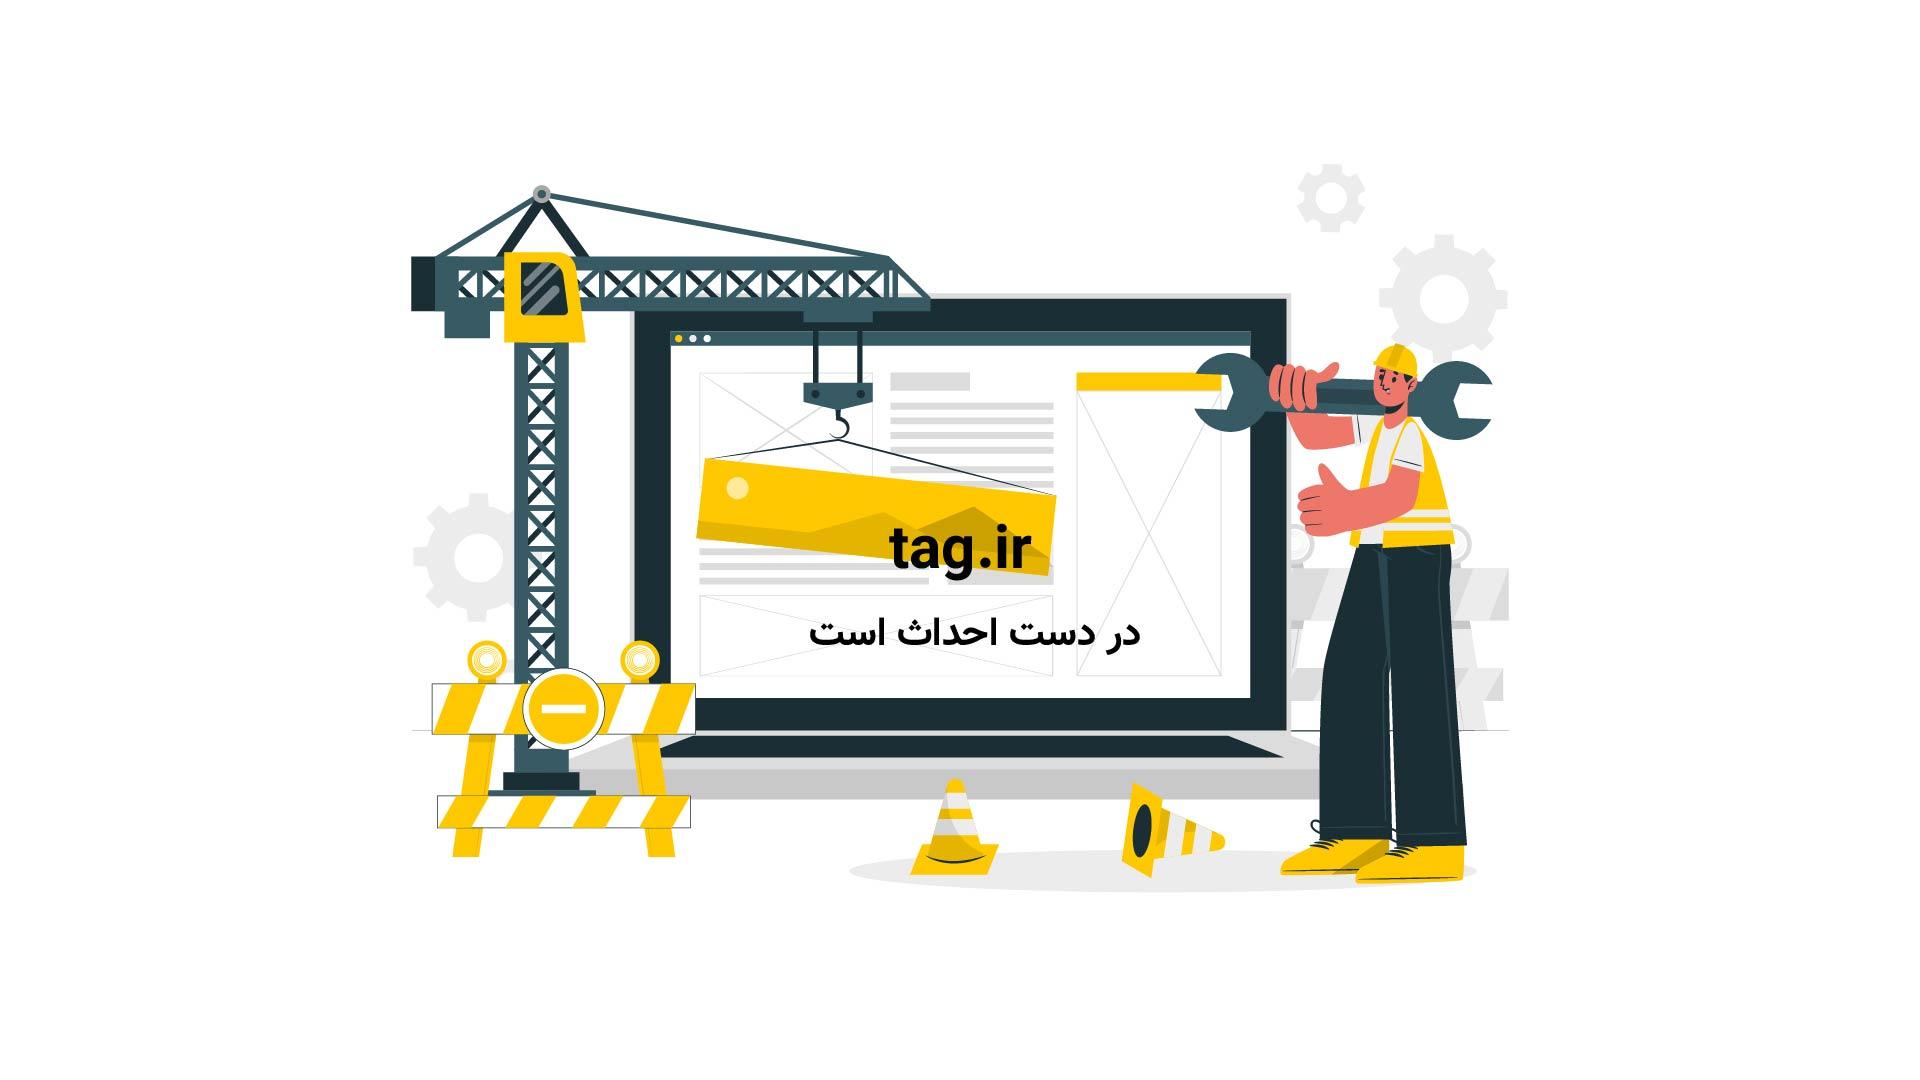 آموزش میوه آرایی شب یلدا؛ درست کردن طاووس با میوه های مختلف | فیلم